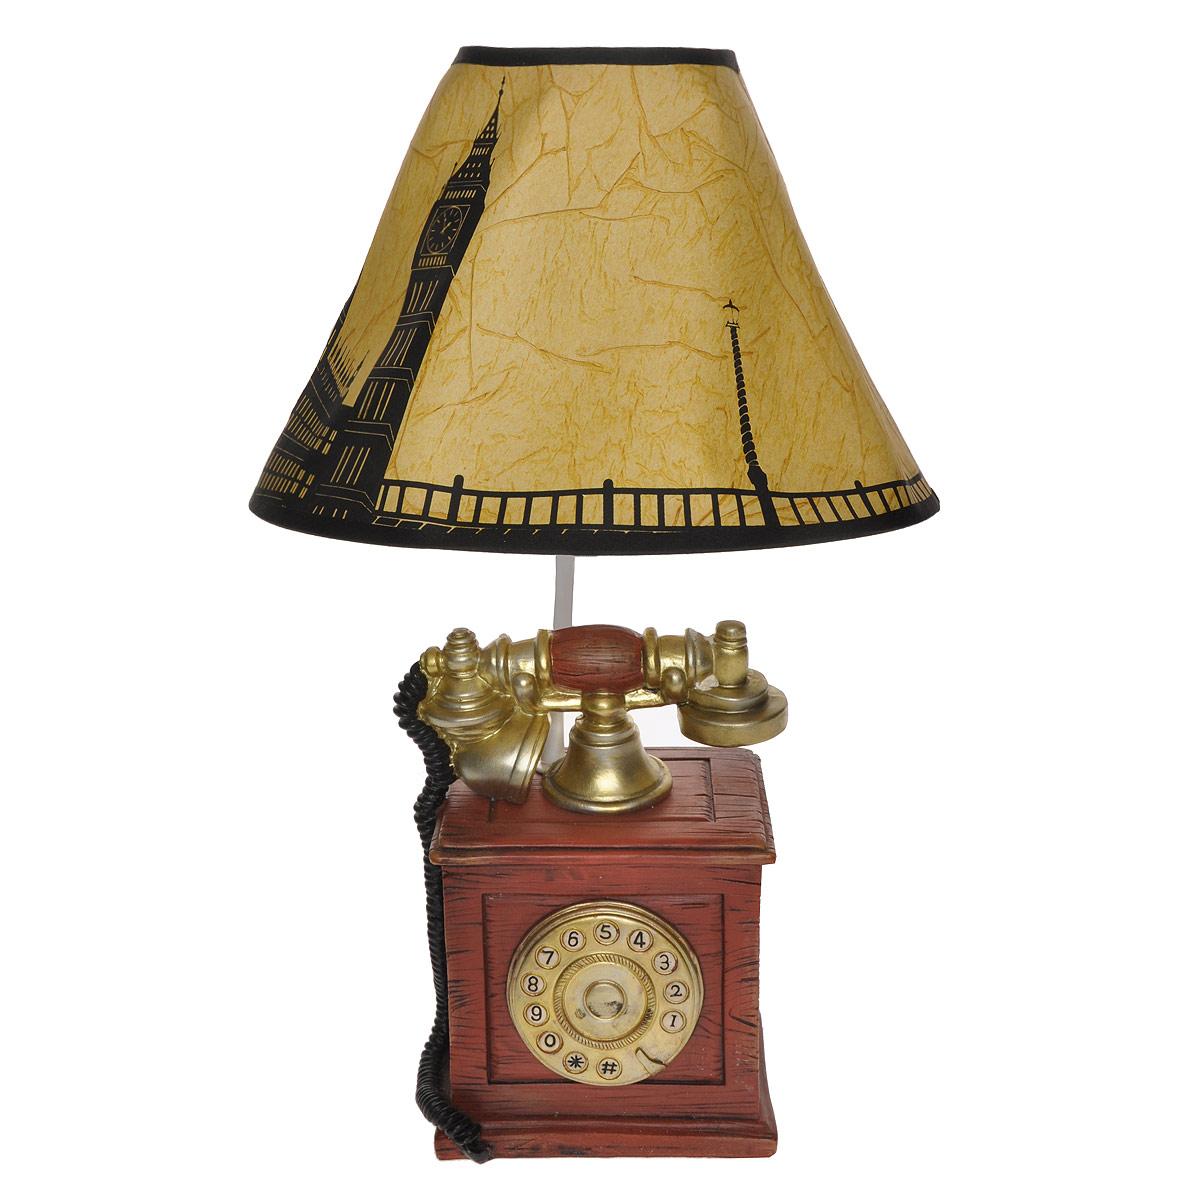 Светильник настольный Телефон. 29349LSL-8001-01Настольный светильник Телефон, изготовленный из полирезины, выполнен в виде старинного телефона и оформлен картонным абажуром с графическим рисунком города. Такой светильник прекрасно подойдет для украшения интерьера и создания атмосферы тепла и уюта. Внутри светильника расположена лампа накаливания. Светильник работает от электросети и включается при помощи кнопки на шнуре.Характеристики: Материал: полистоун, металл, пластик, картон. Высота светильника: 40 см. Диаметр абажура: 26 см. Размер основания светильника: 14 см х 11 см. Мощность лампы: 40 Вт (входит в комплект). Цоколь: Е27. Напряжение: 220 В, частота 50 Гц.